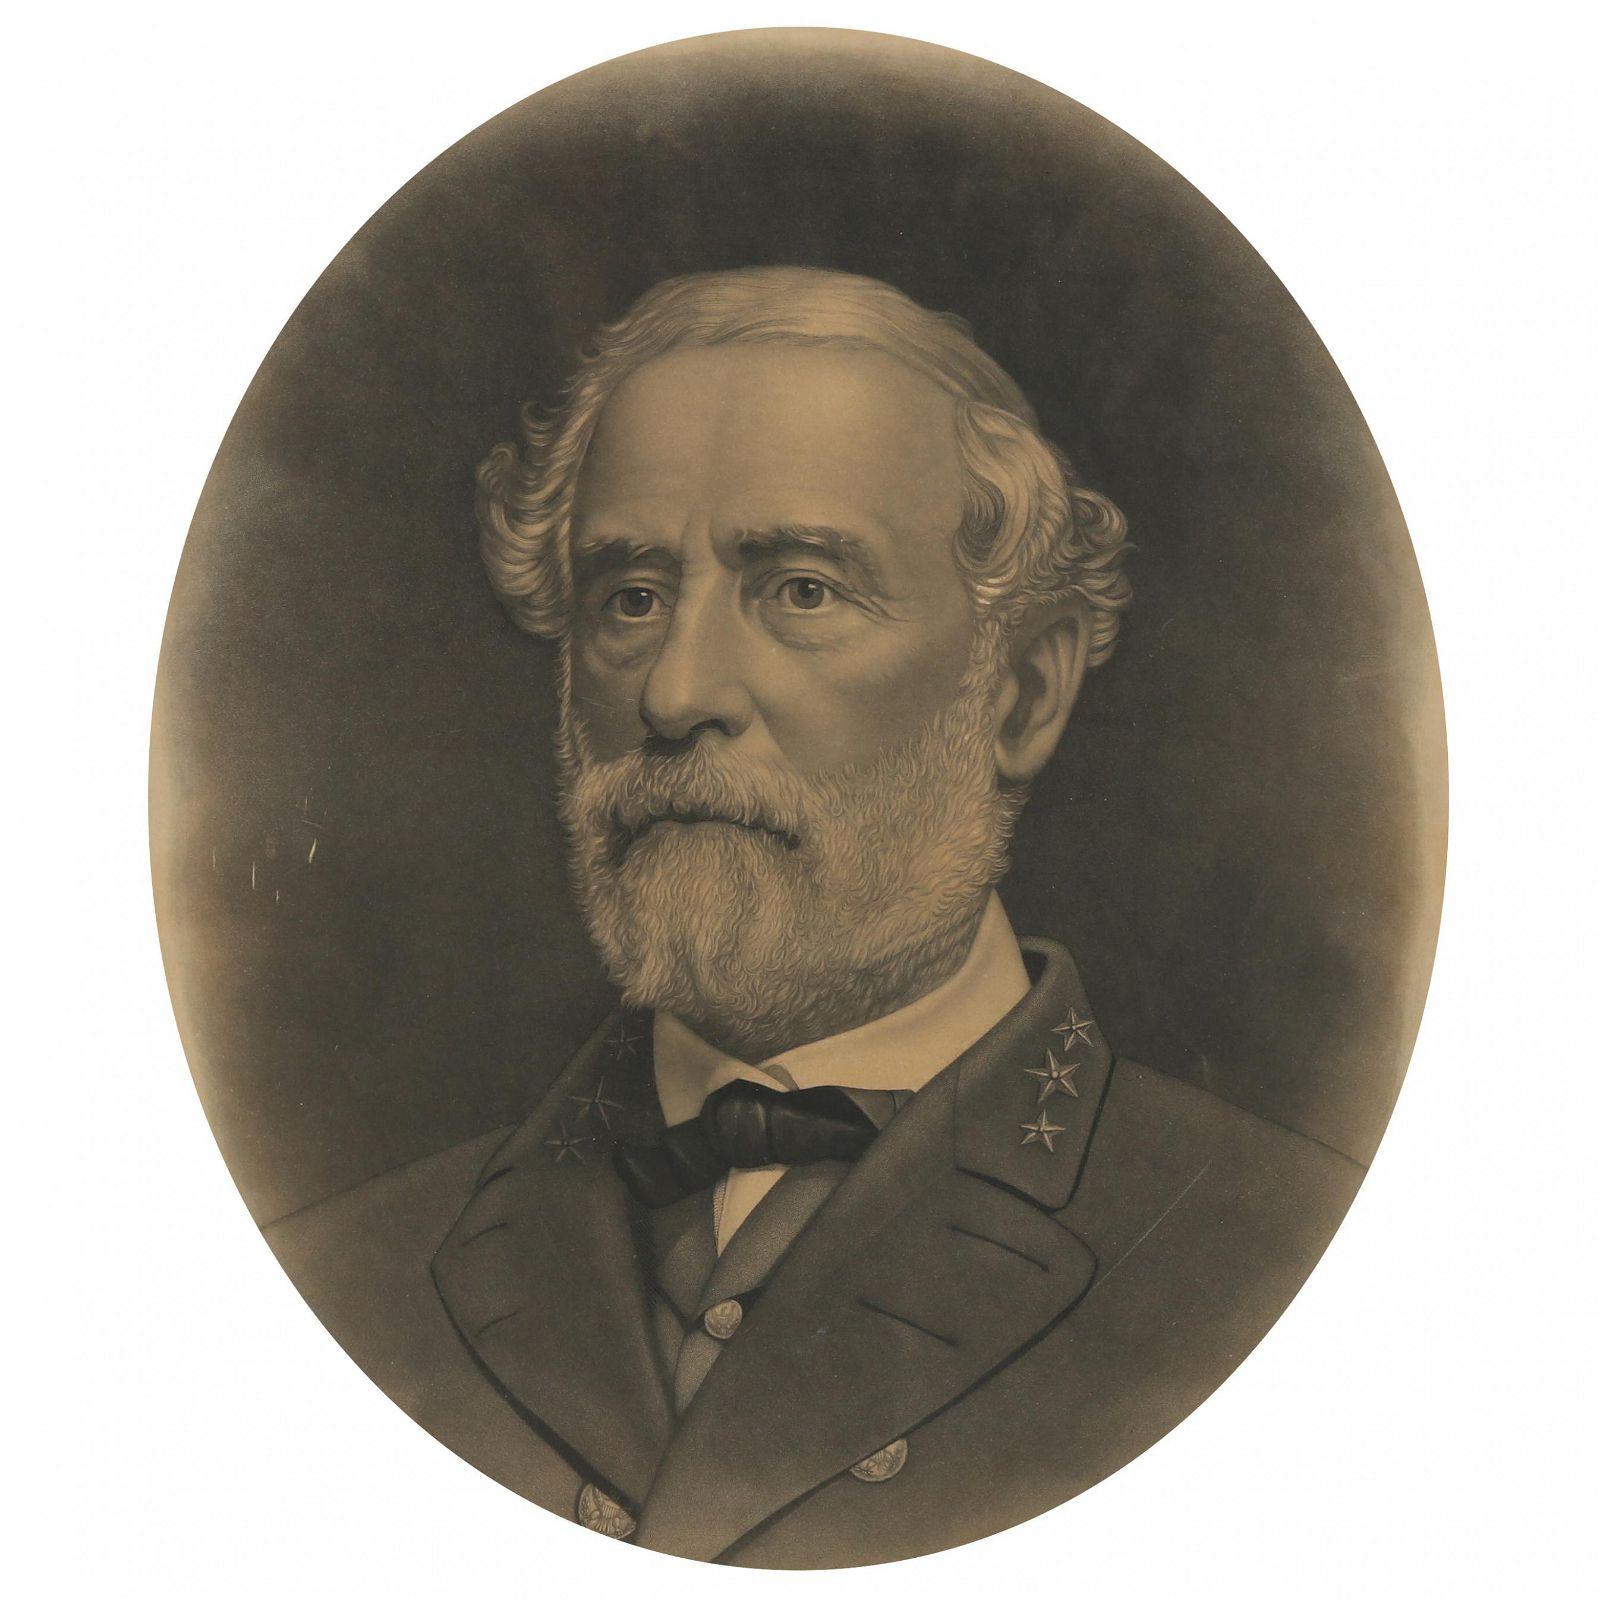 Antique Robert E. Lee Memorial Engraving, 1870